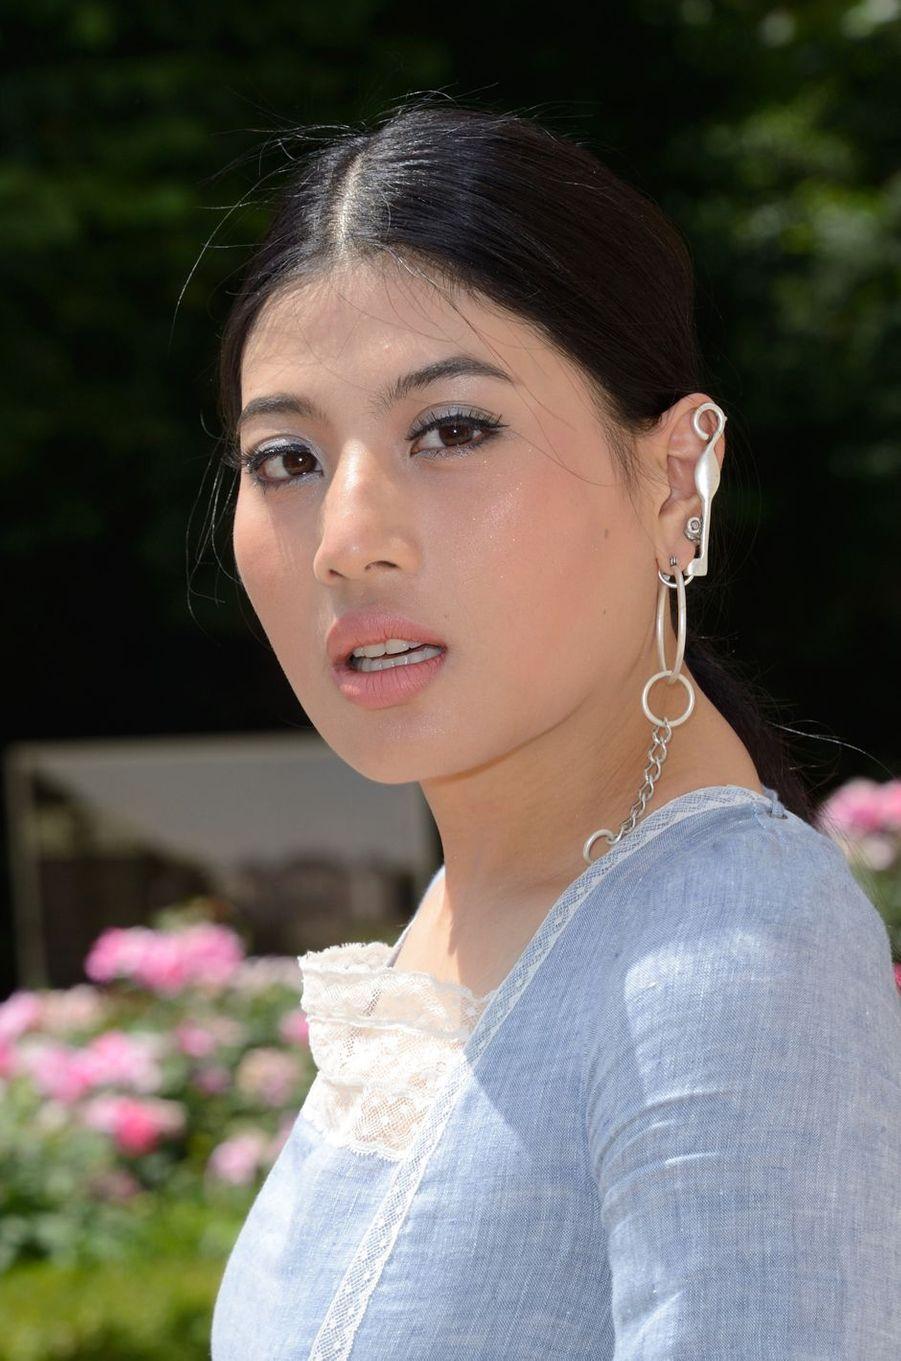 Détail des boucles d'oreille de la princesse Sirivannavari Nariratana de Thaïlande à Paris, le 2 juillet 2018